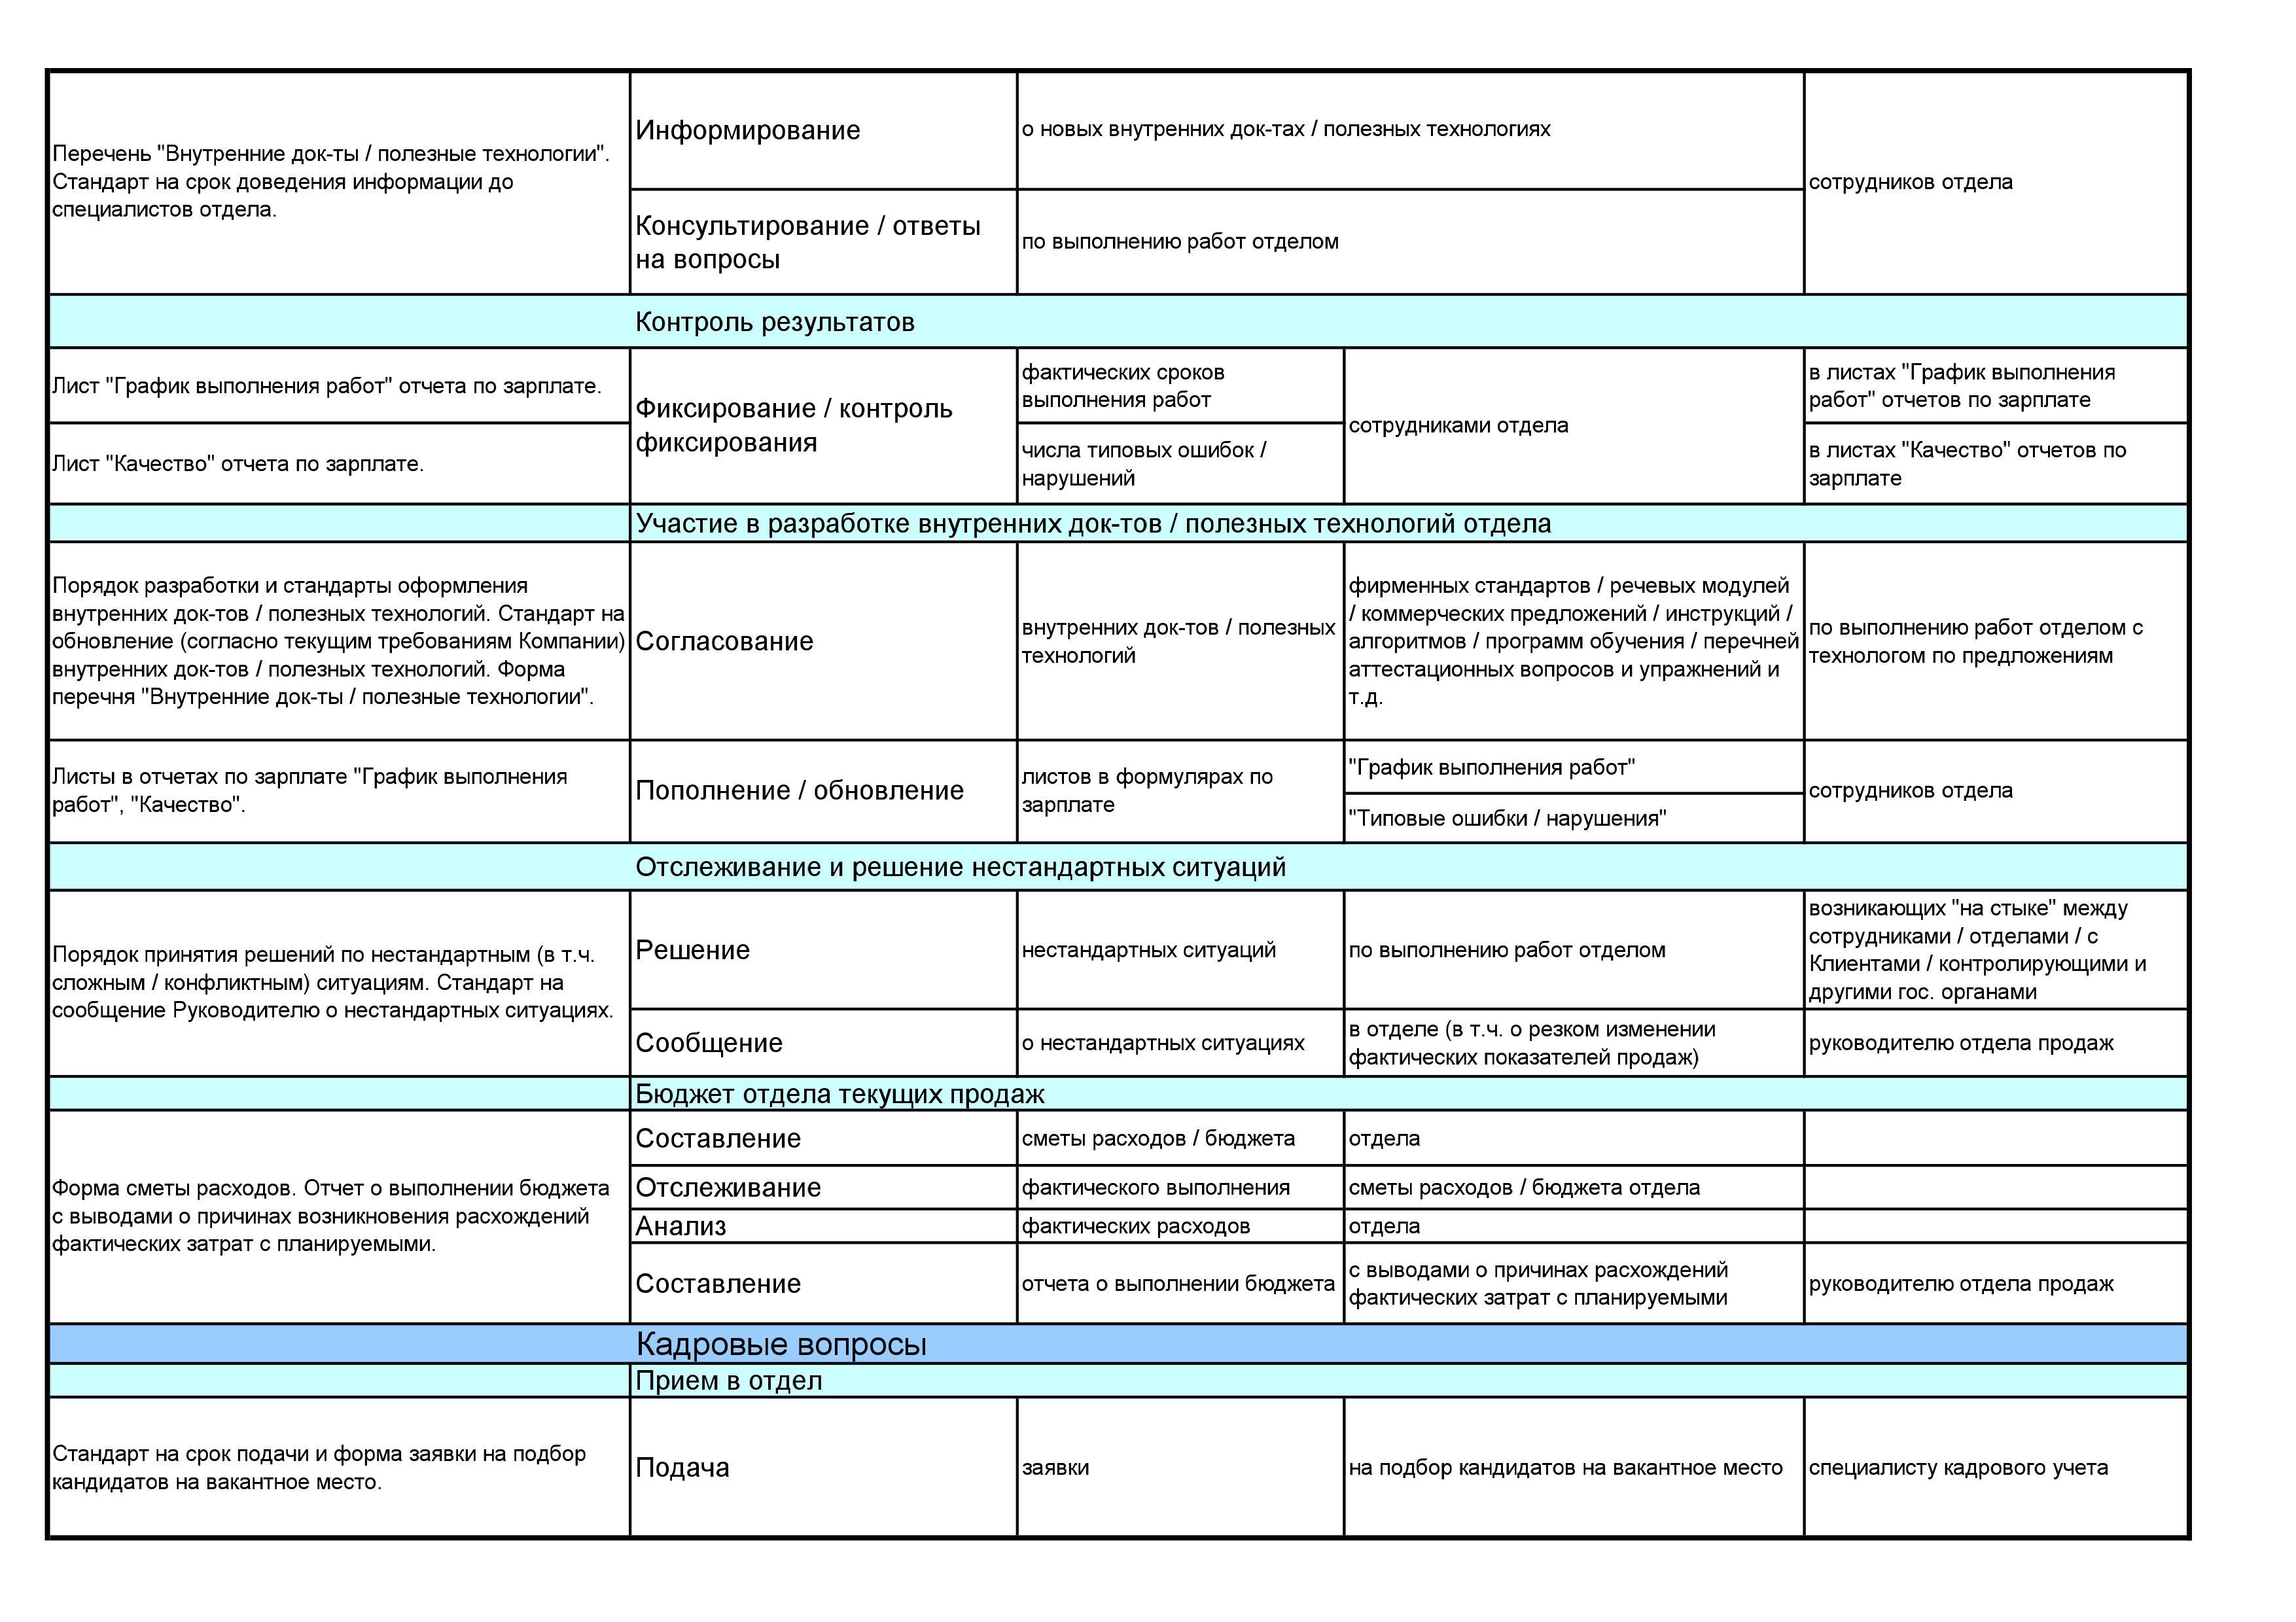 Должнастная инструкция кассира в бюджетной организации г киев